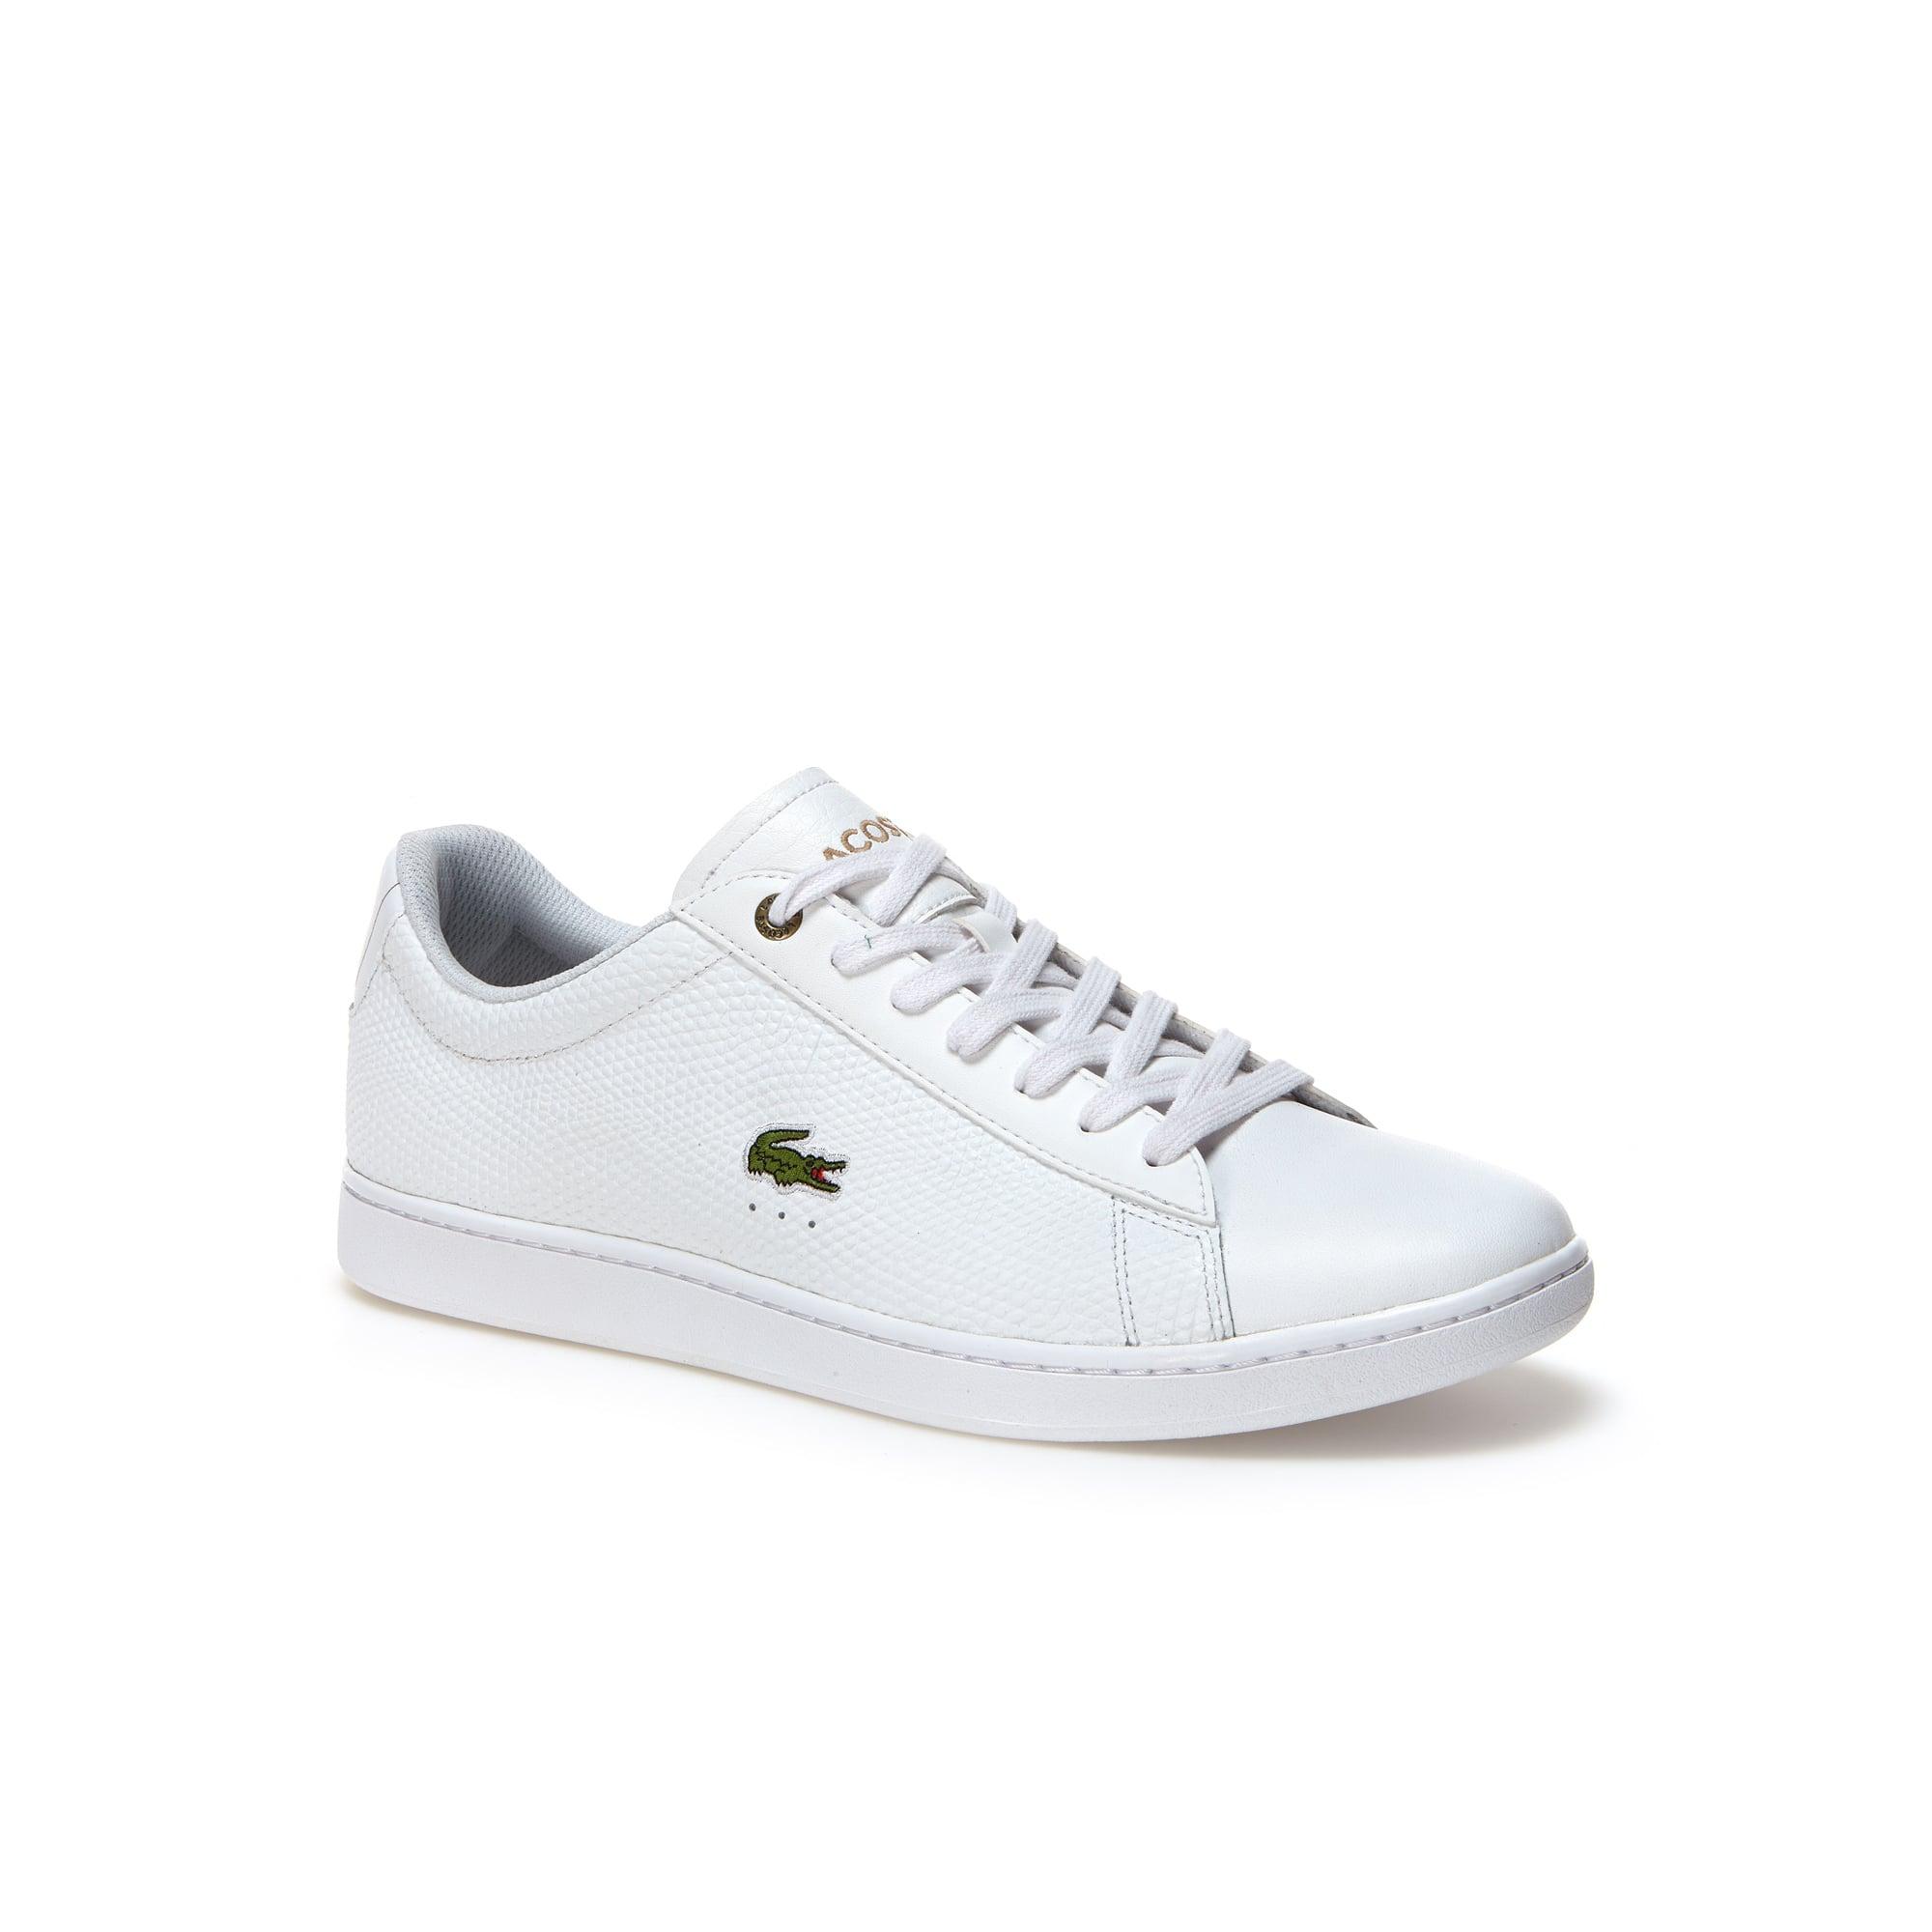 Sneakers Carnaby Evo en cuir nappa premium